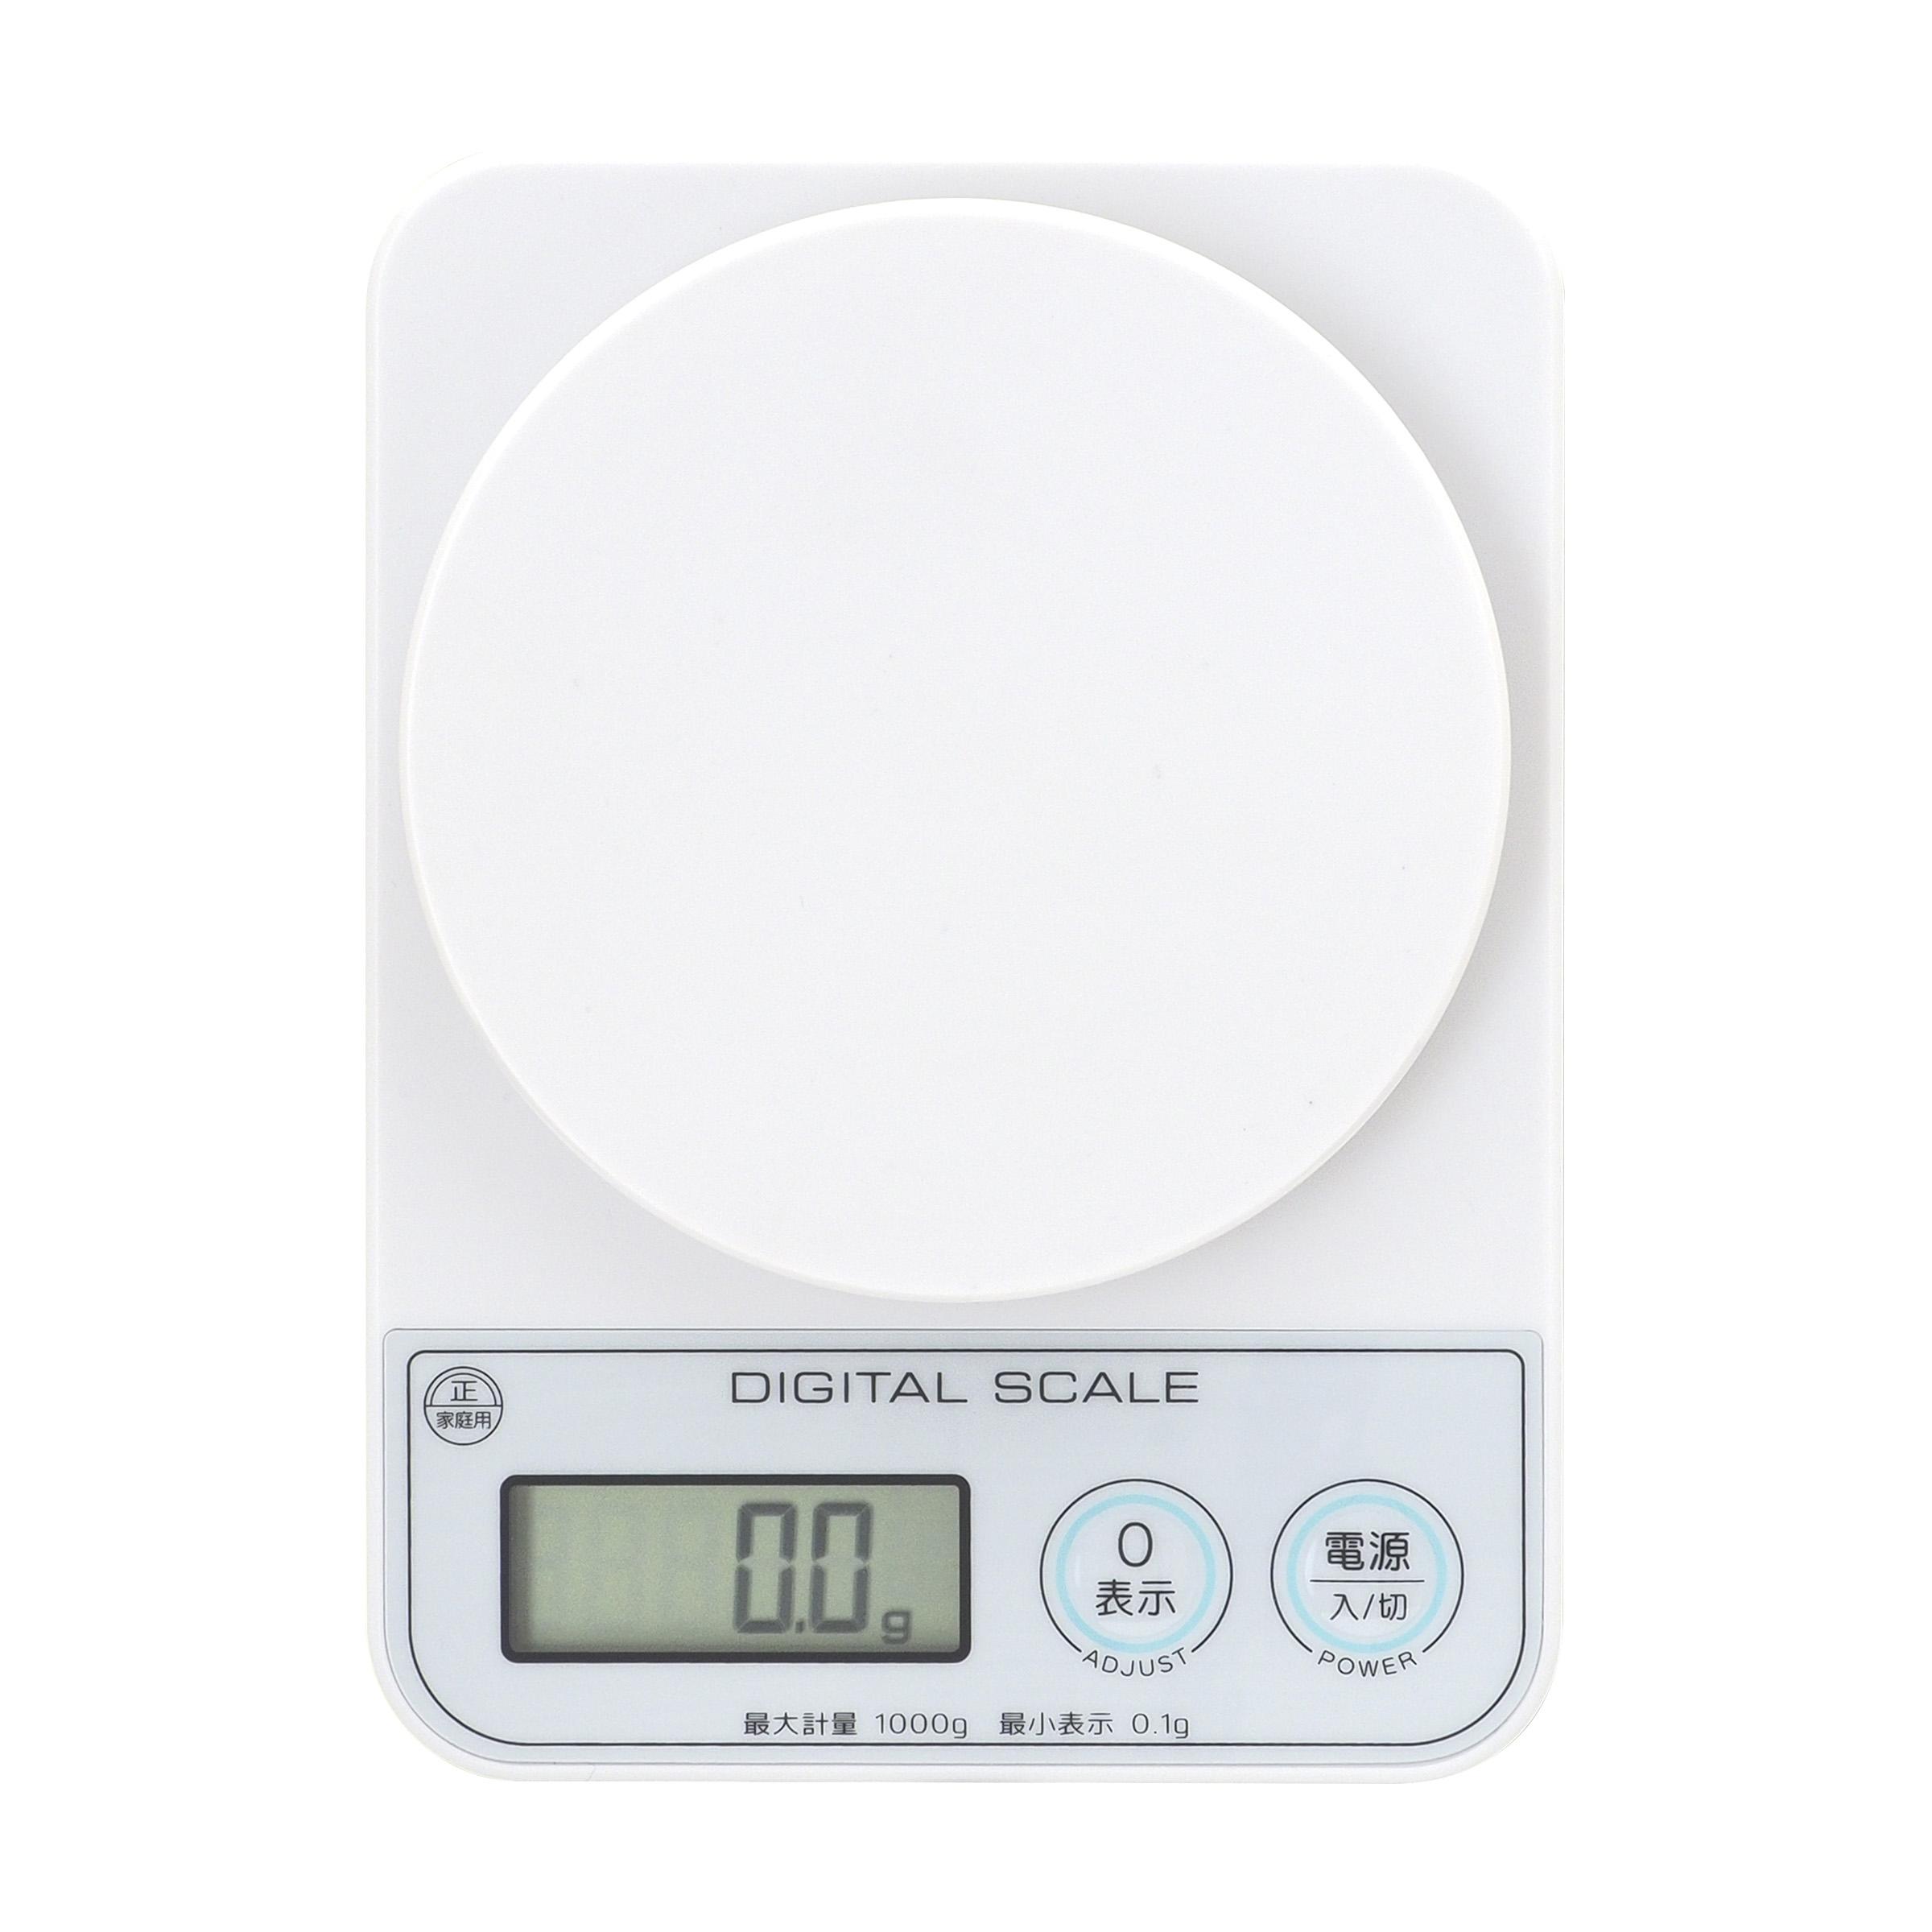 デジタルスケール 1kg